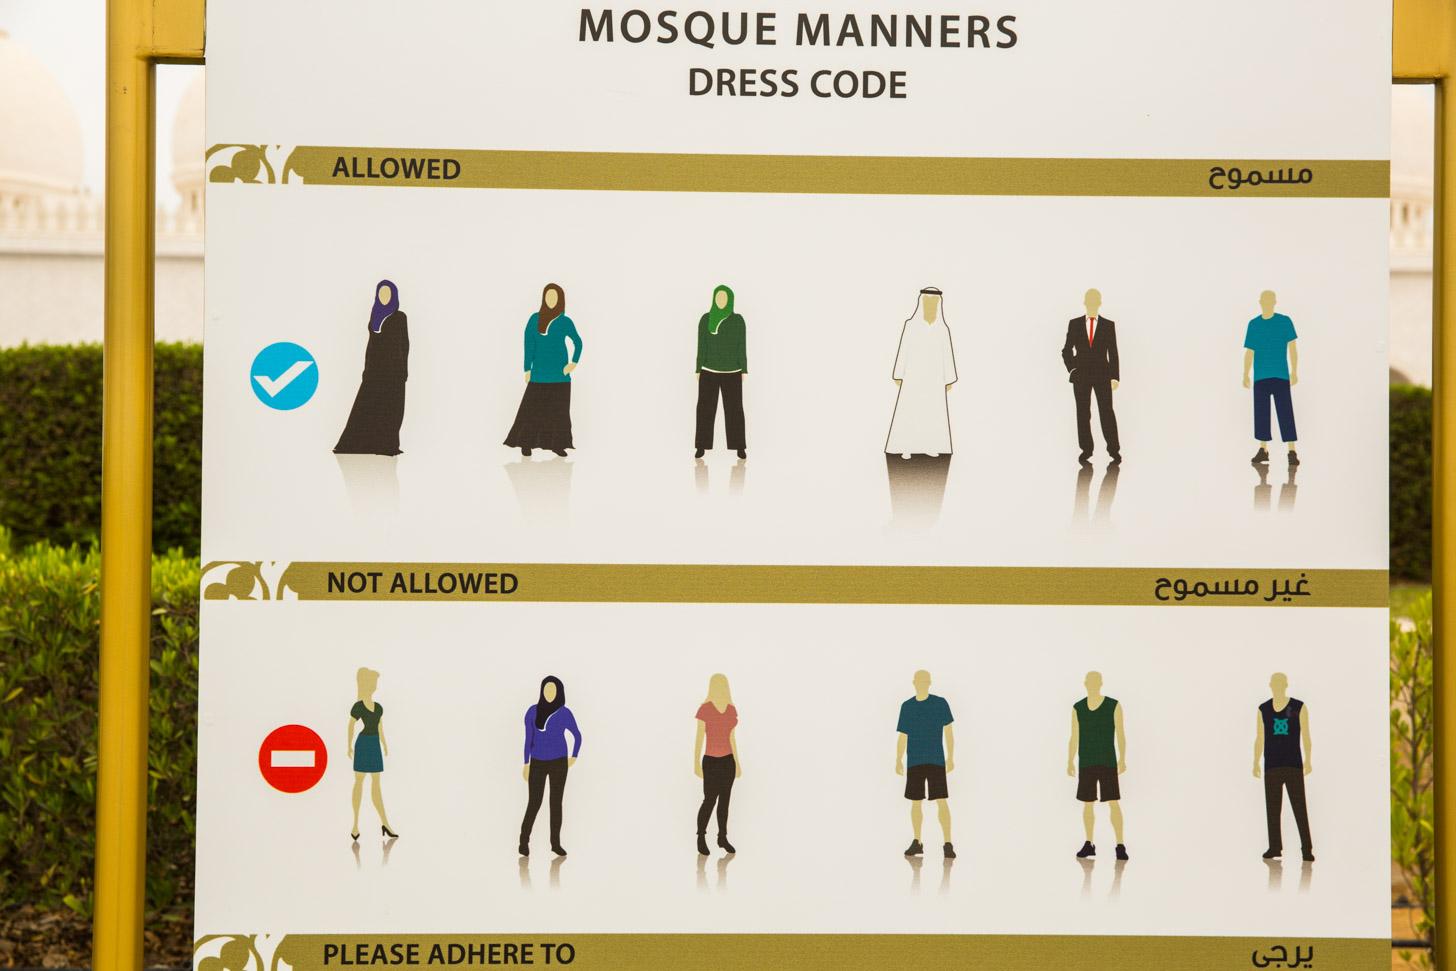 Kledingvoorschrift voor een bezoek aan de moskee